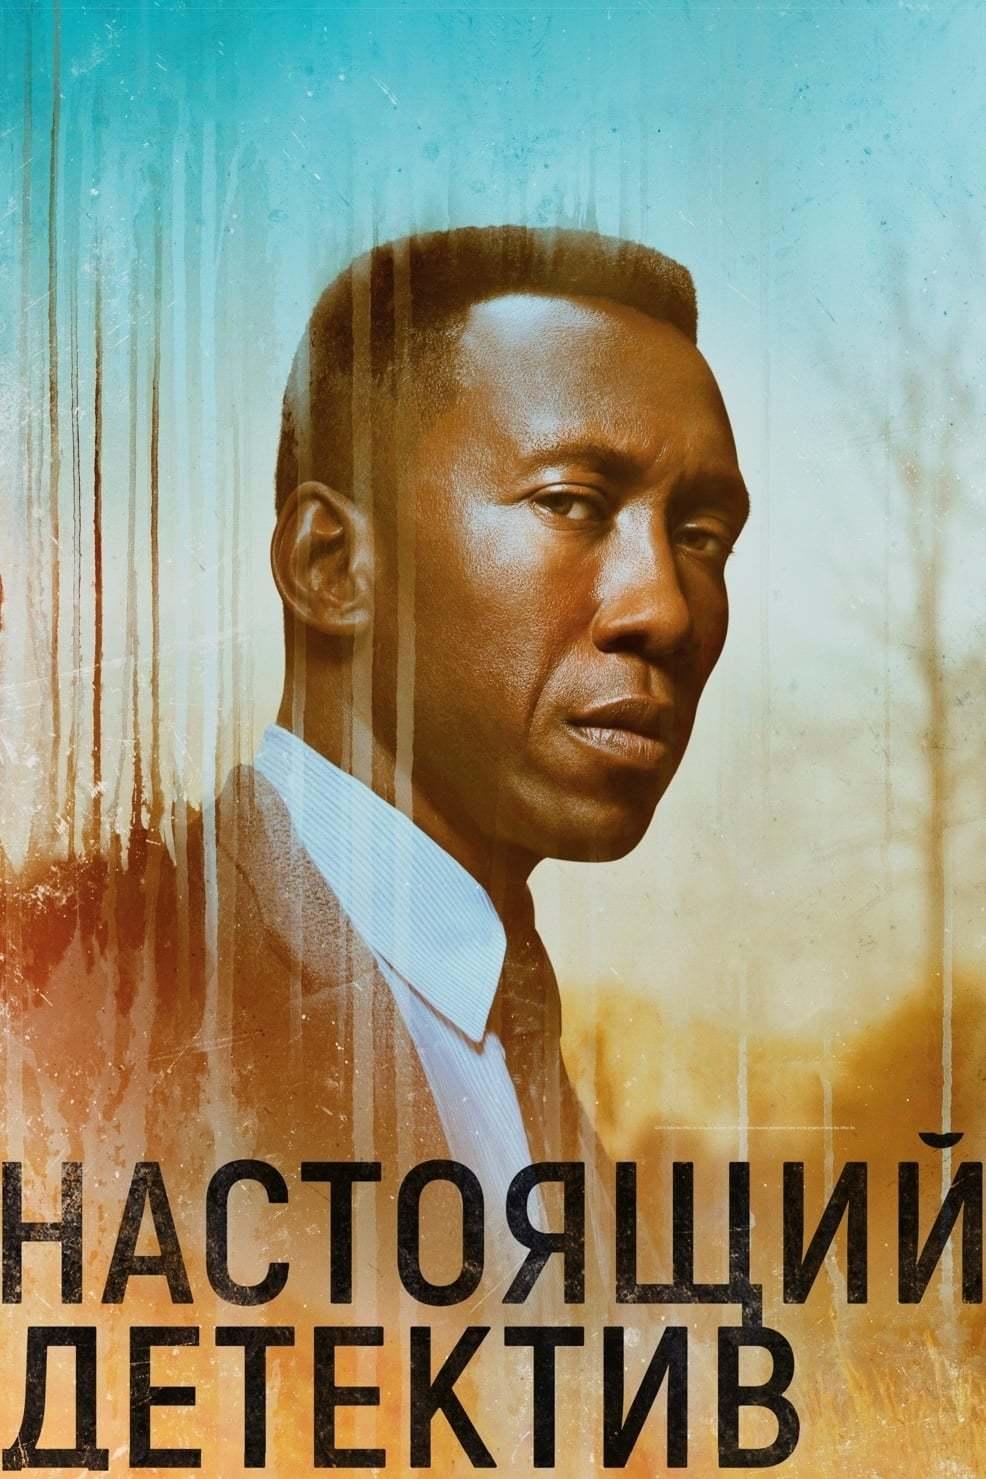 Постер фильма Настоящий детектив True Detective 2014